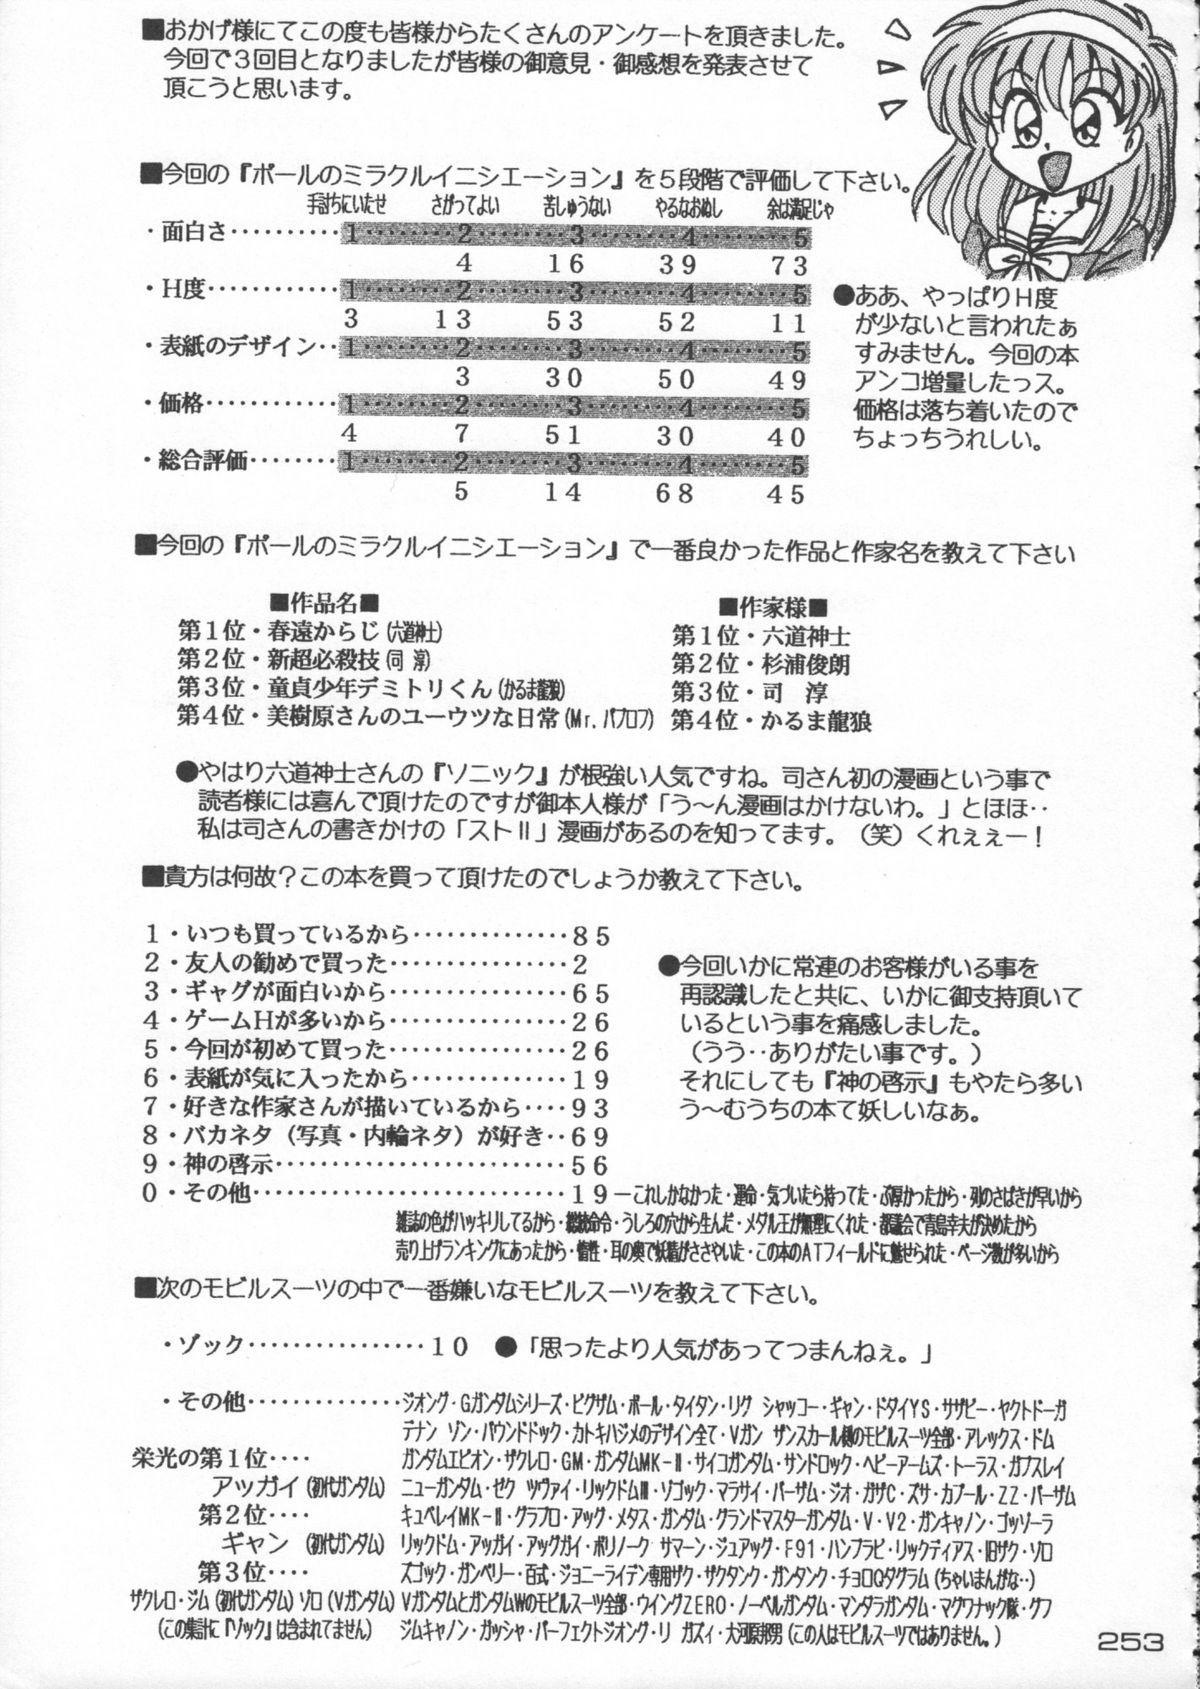 Godzilla vs Curry Aji 253